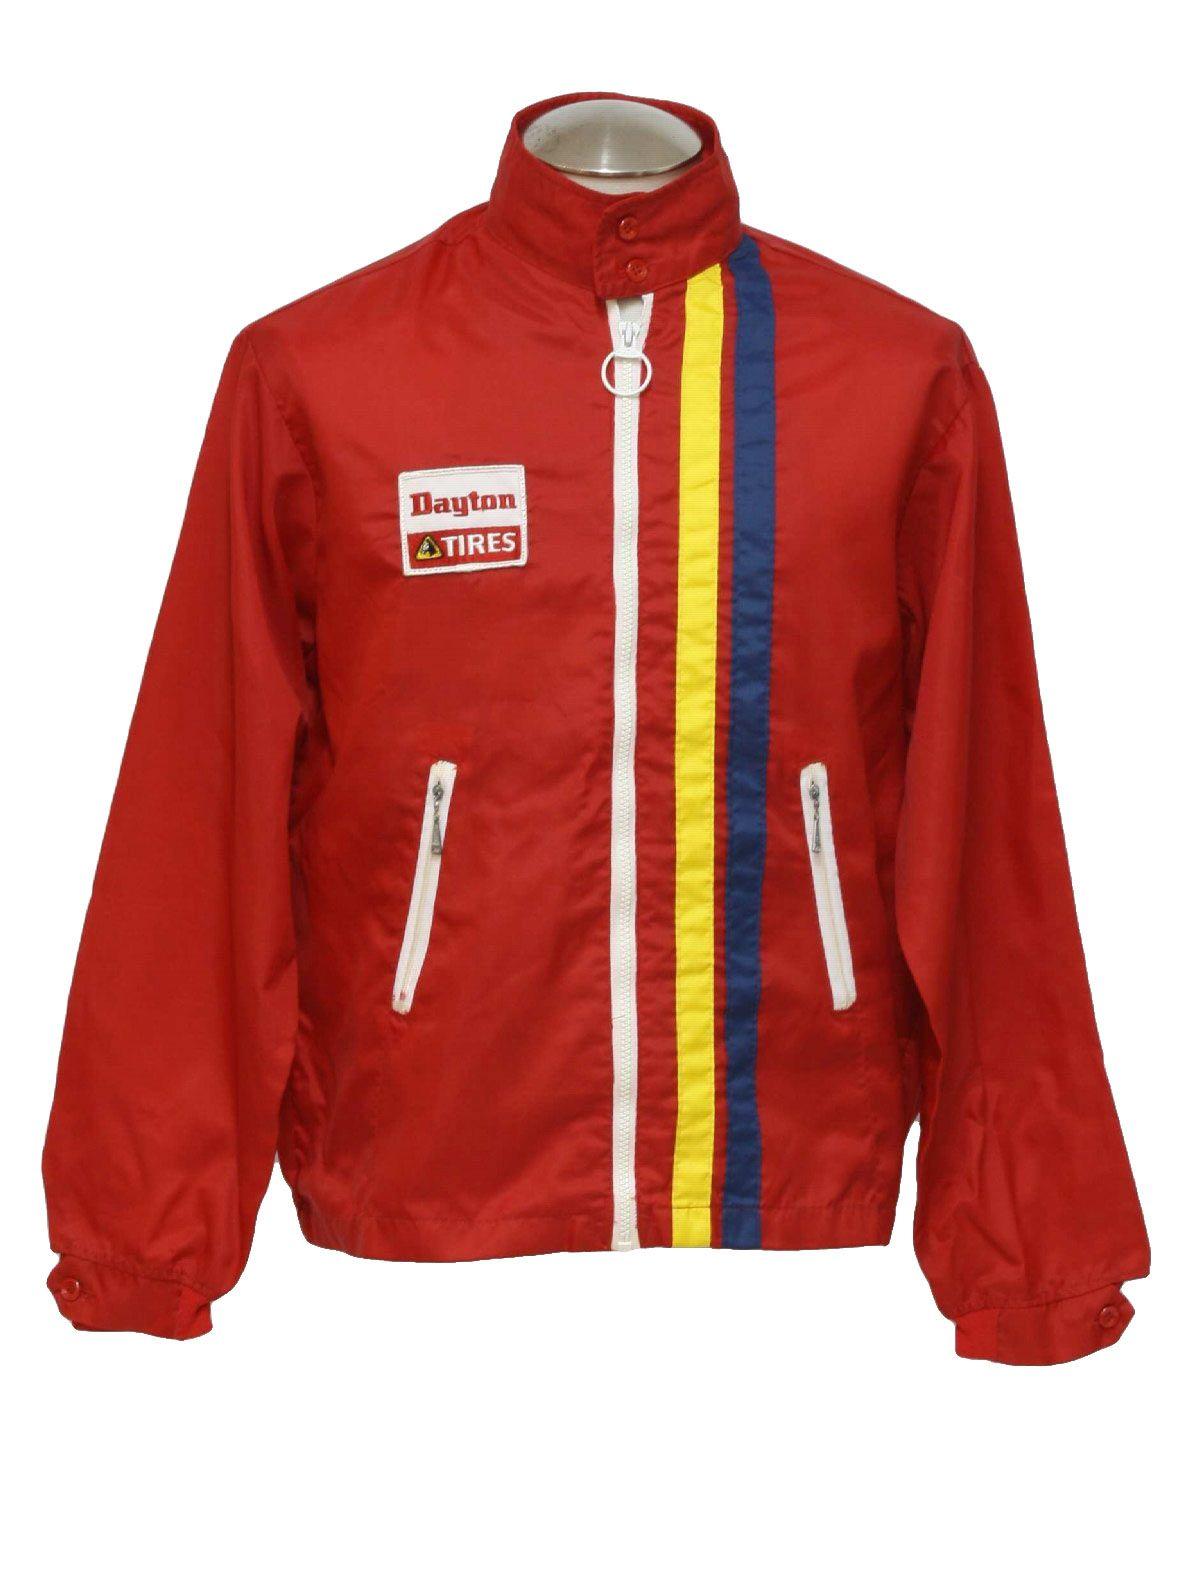 1970's Louisville Sportswear Mens Racing Jacket Jackets